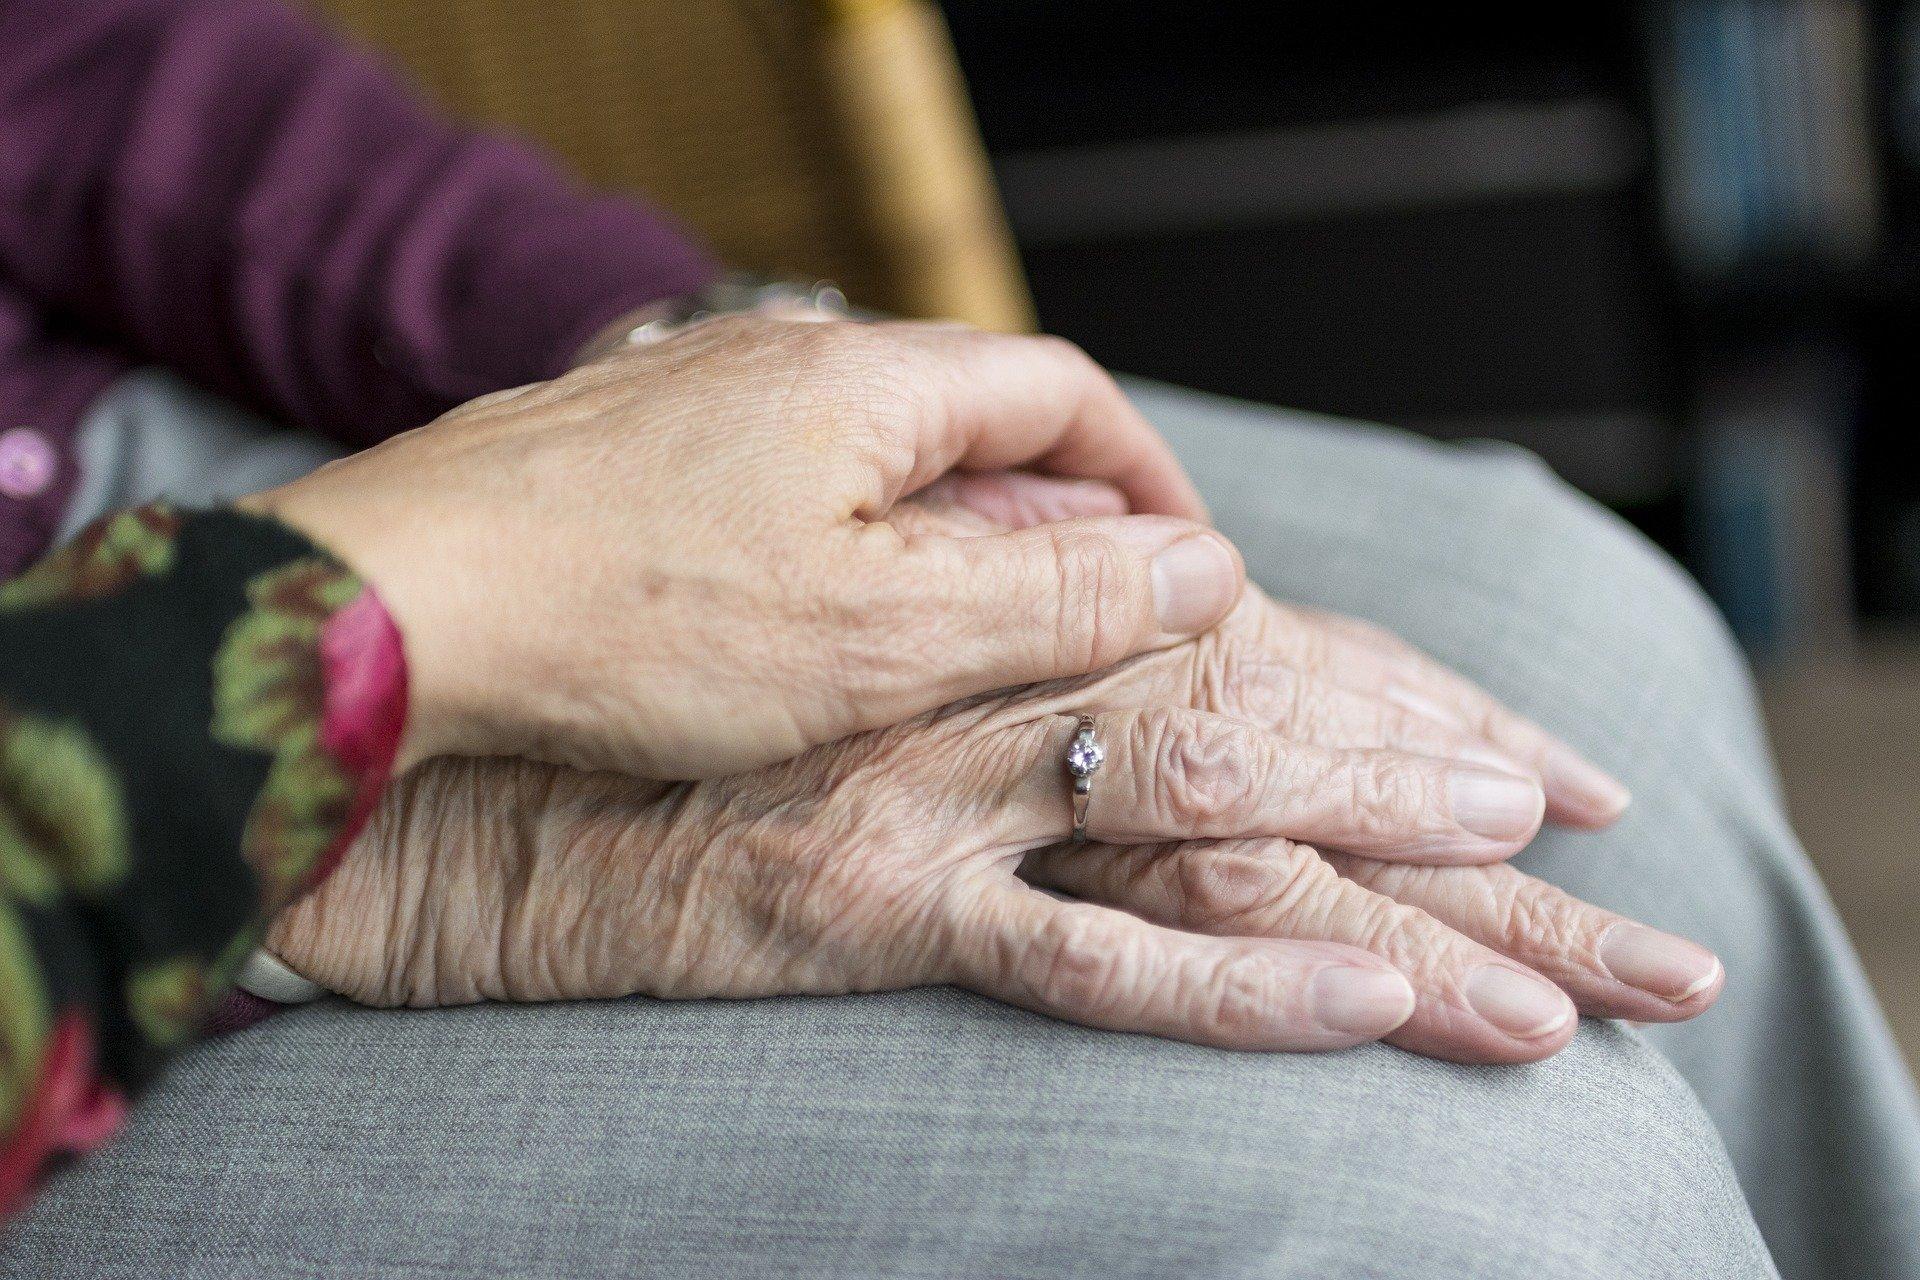 Après les débats sur l'euthanasie, les soins palliatifs font l'objet d'une série d'auditions par la commission des affaires sociales du Sénat.